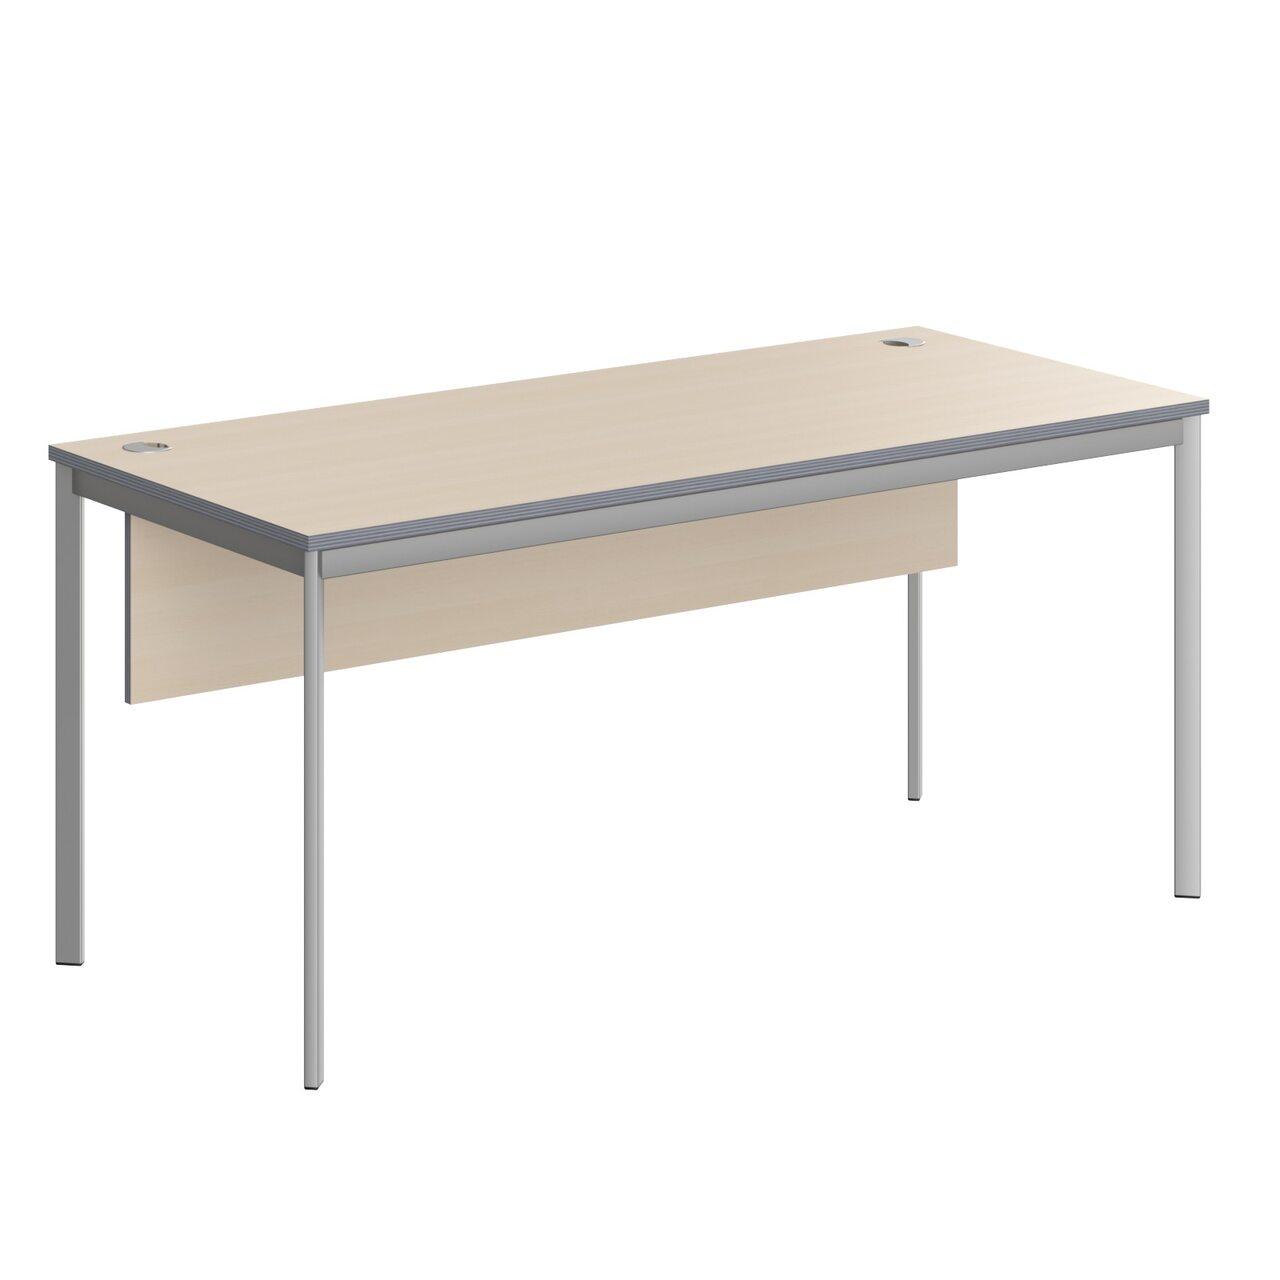 Стол прямой с фрональной панелью  IMAGO-S 72x160x76 - фото 5